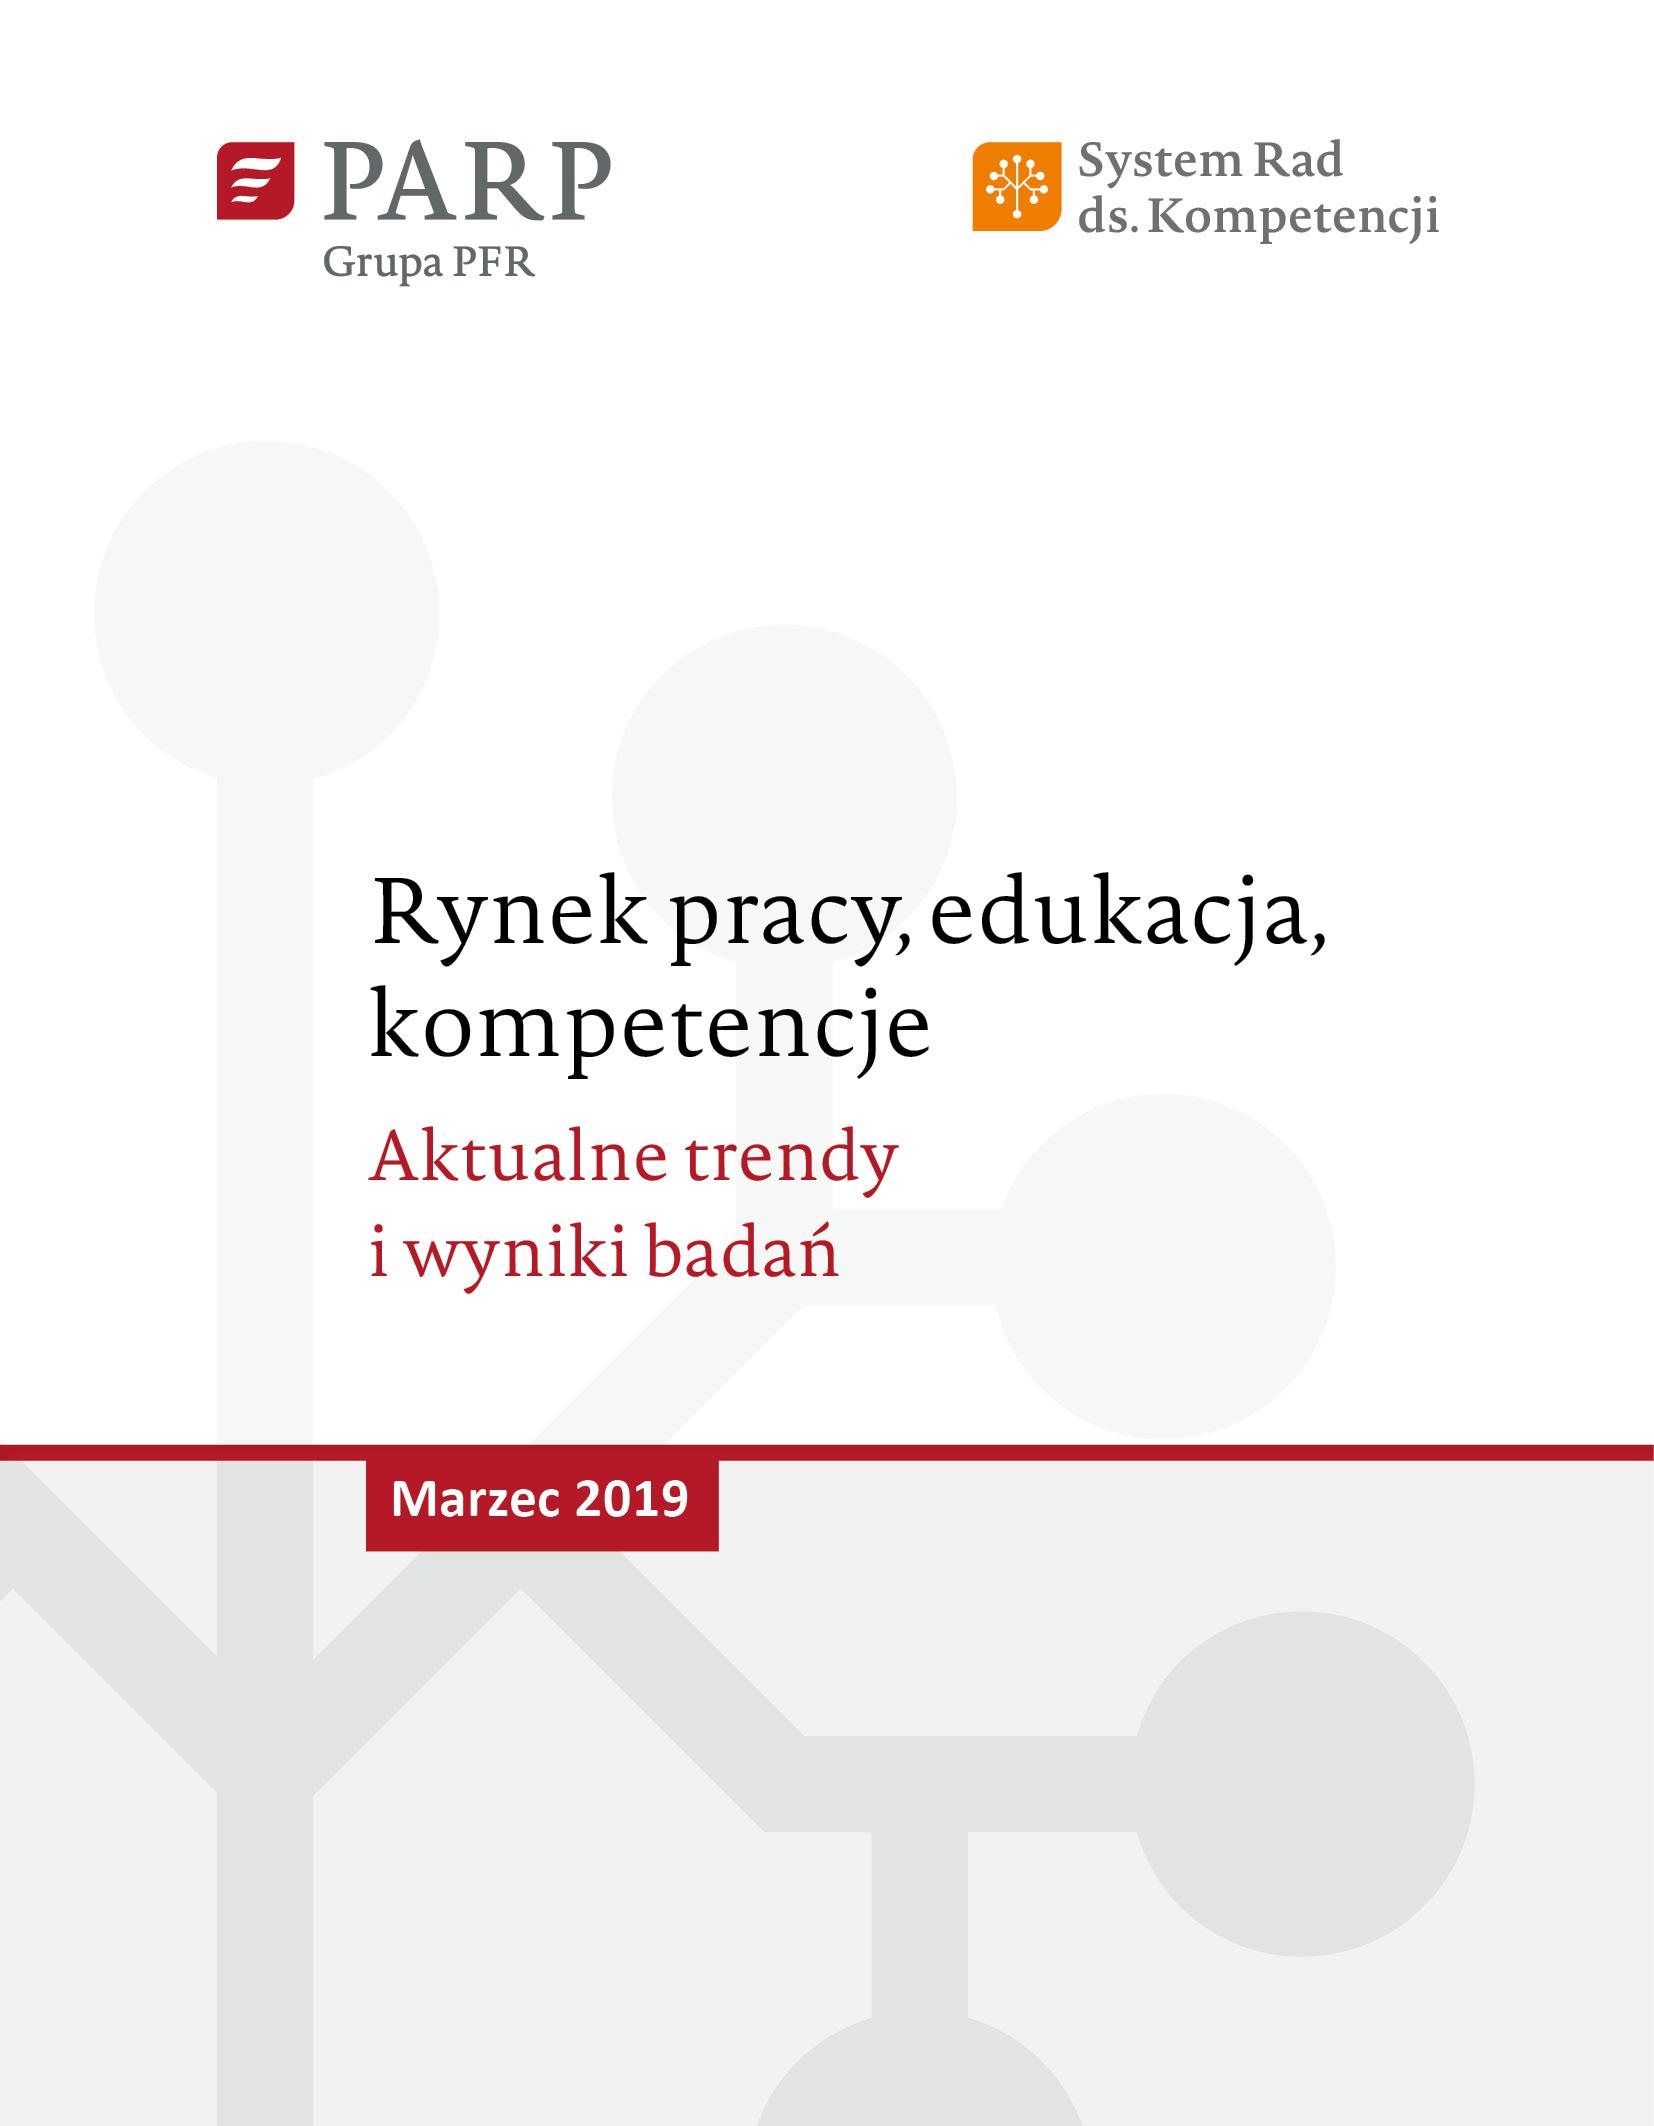 Rynek pracy, edukacja, kompetencje - marzec 2019